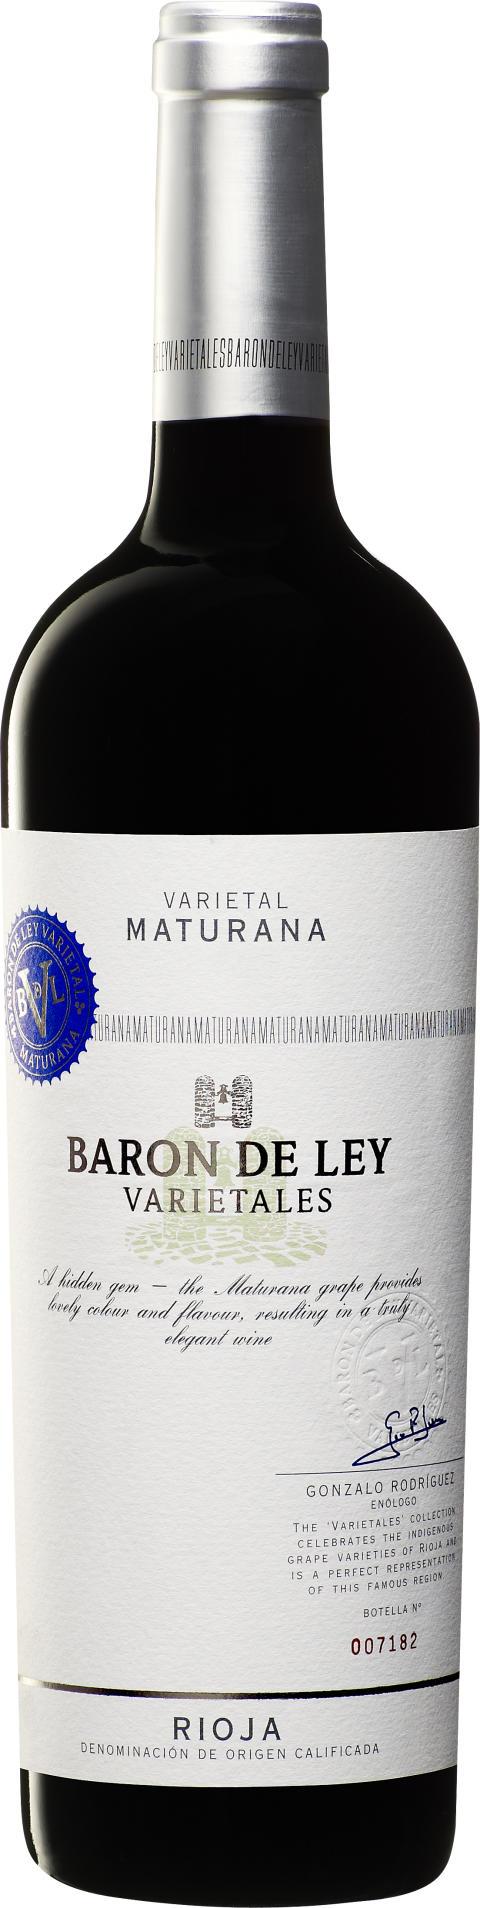 Baron de Ley Varietal Maturana 2009